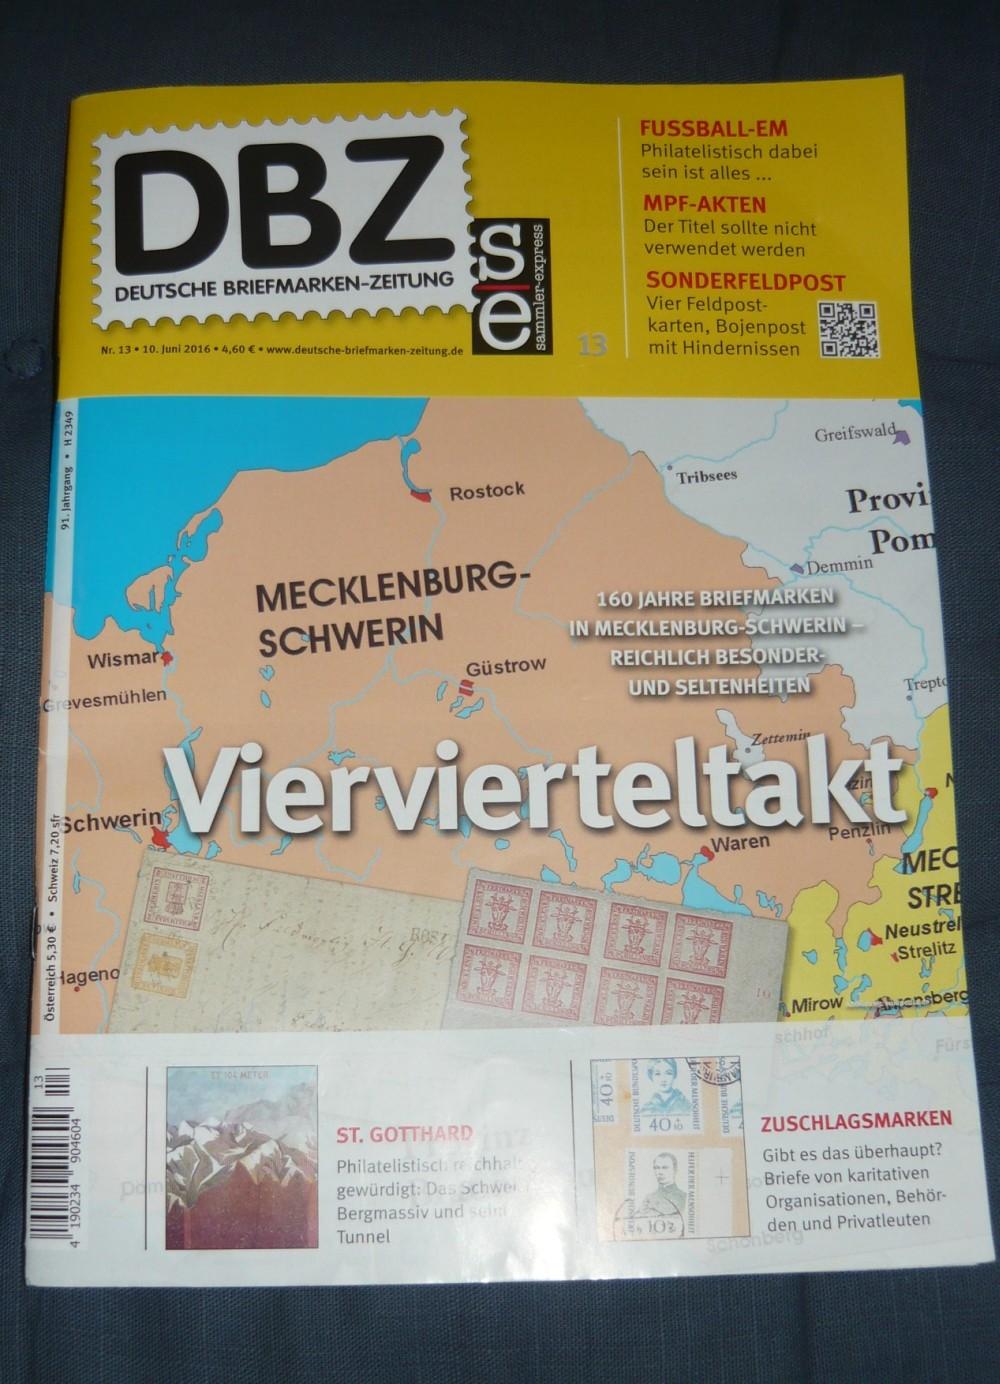 Deutsche Briefmarken Zeitung Heft 13 2016 Ebay